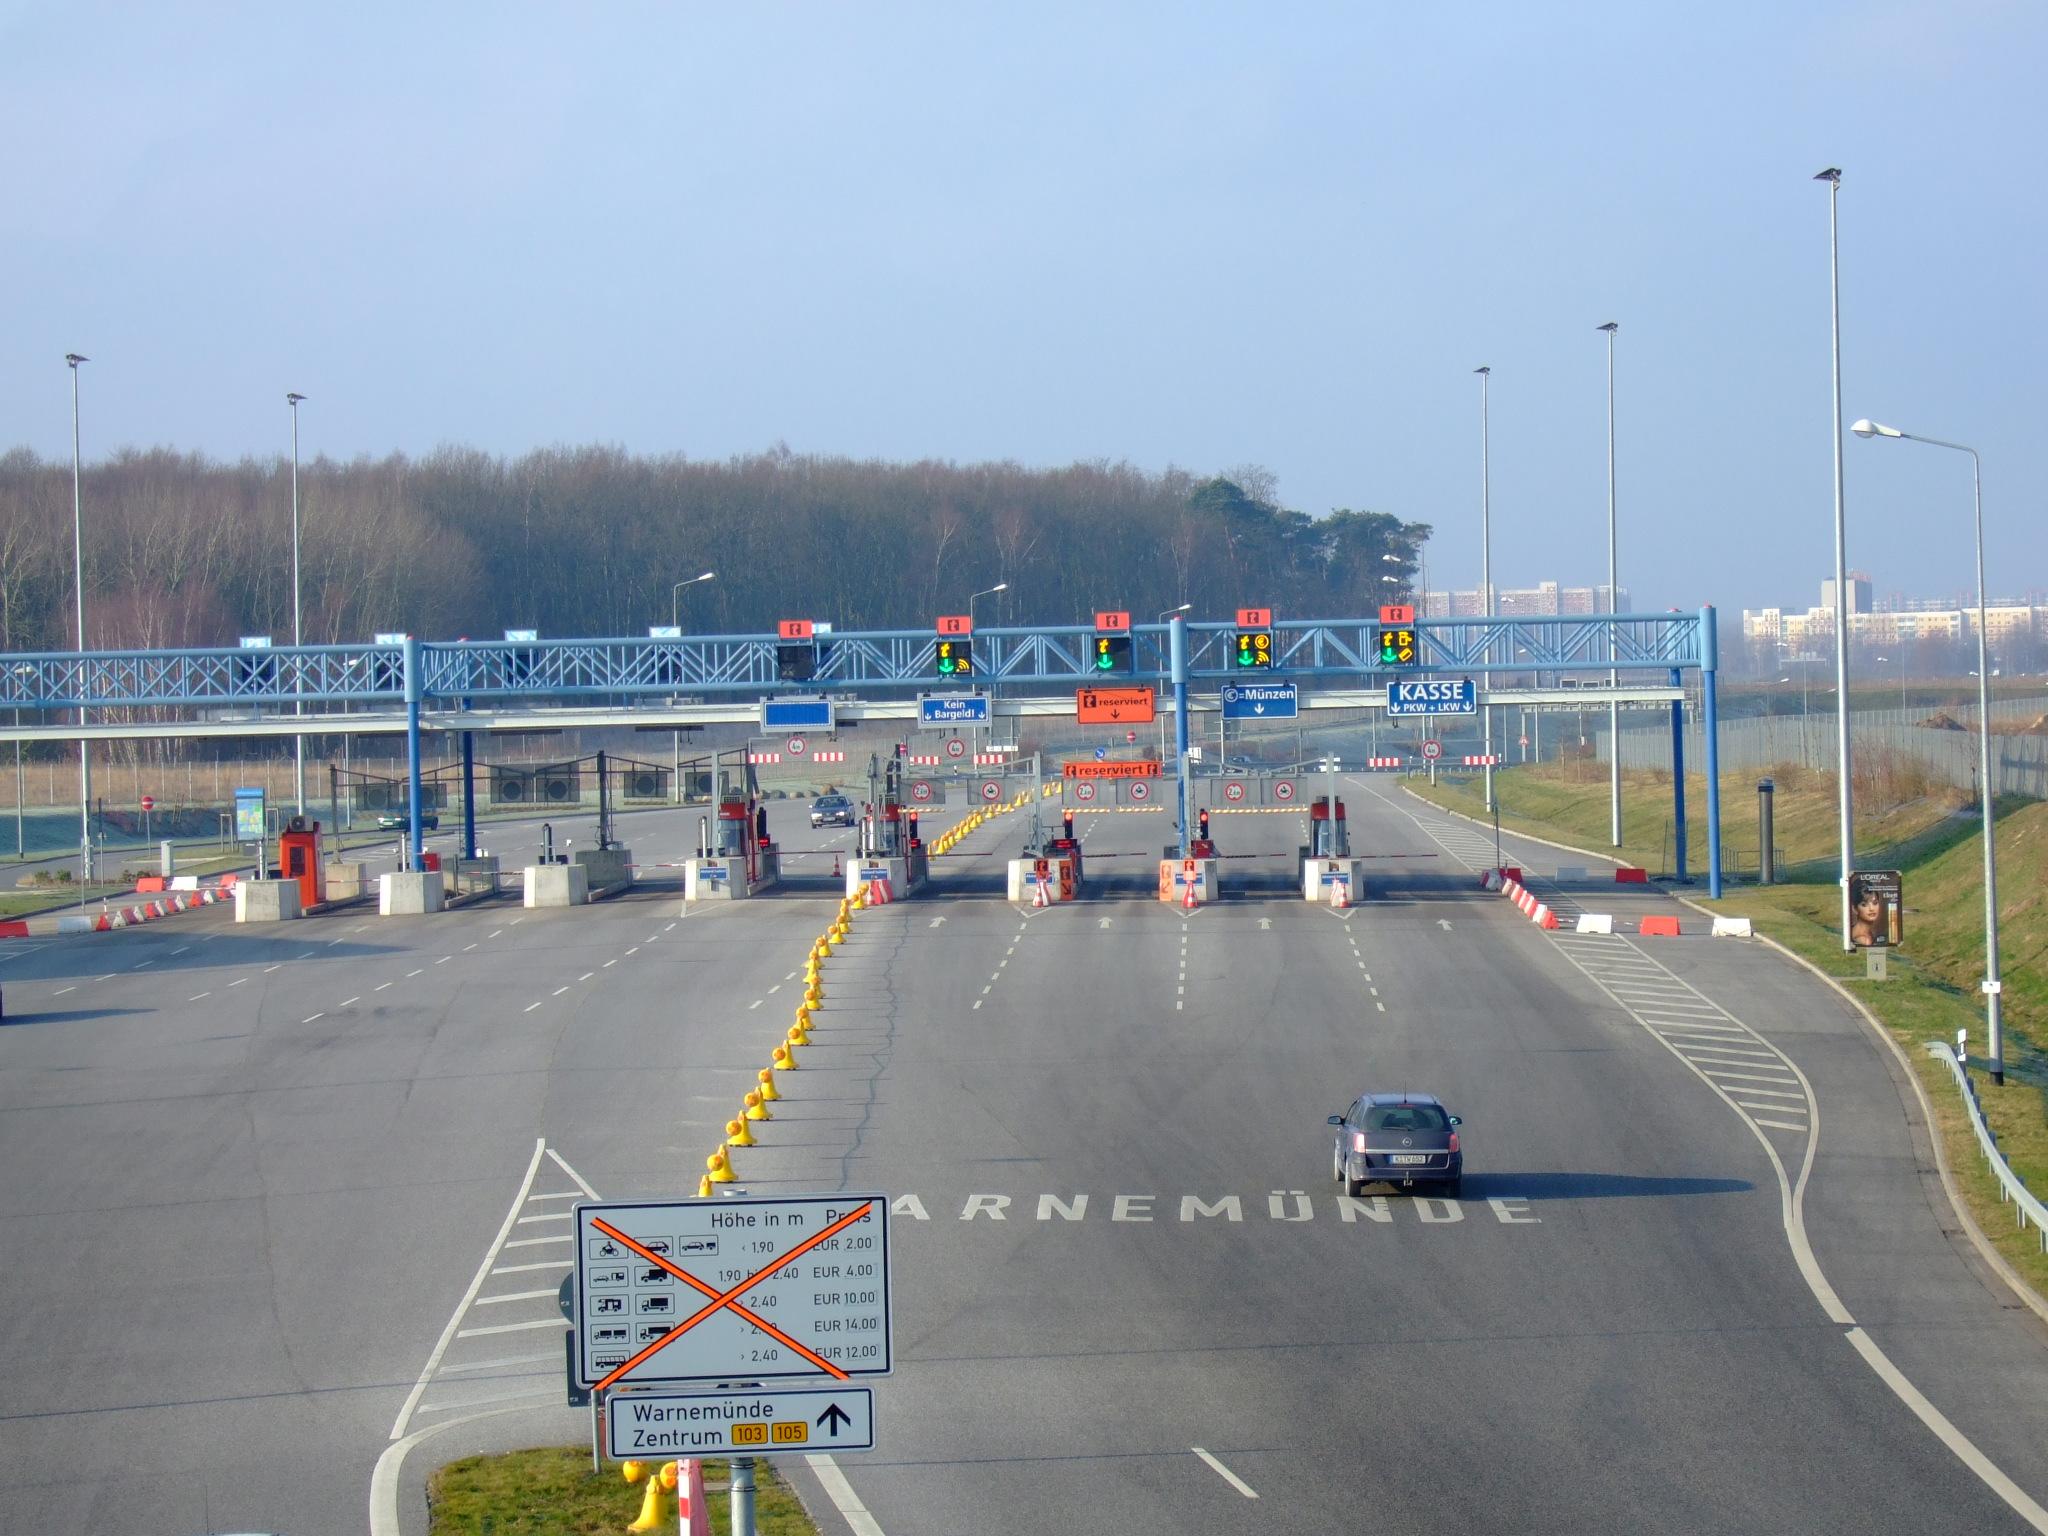 Ab heute steht fest: Das Bundeskabinett steht mehrheitlich dahinter, die PKW-Maut für Fahrer von Autos, die im Ausland gemeldet sind, ab 2016 einzuführen. Foto: © Wotan /pixelio.de